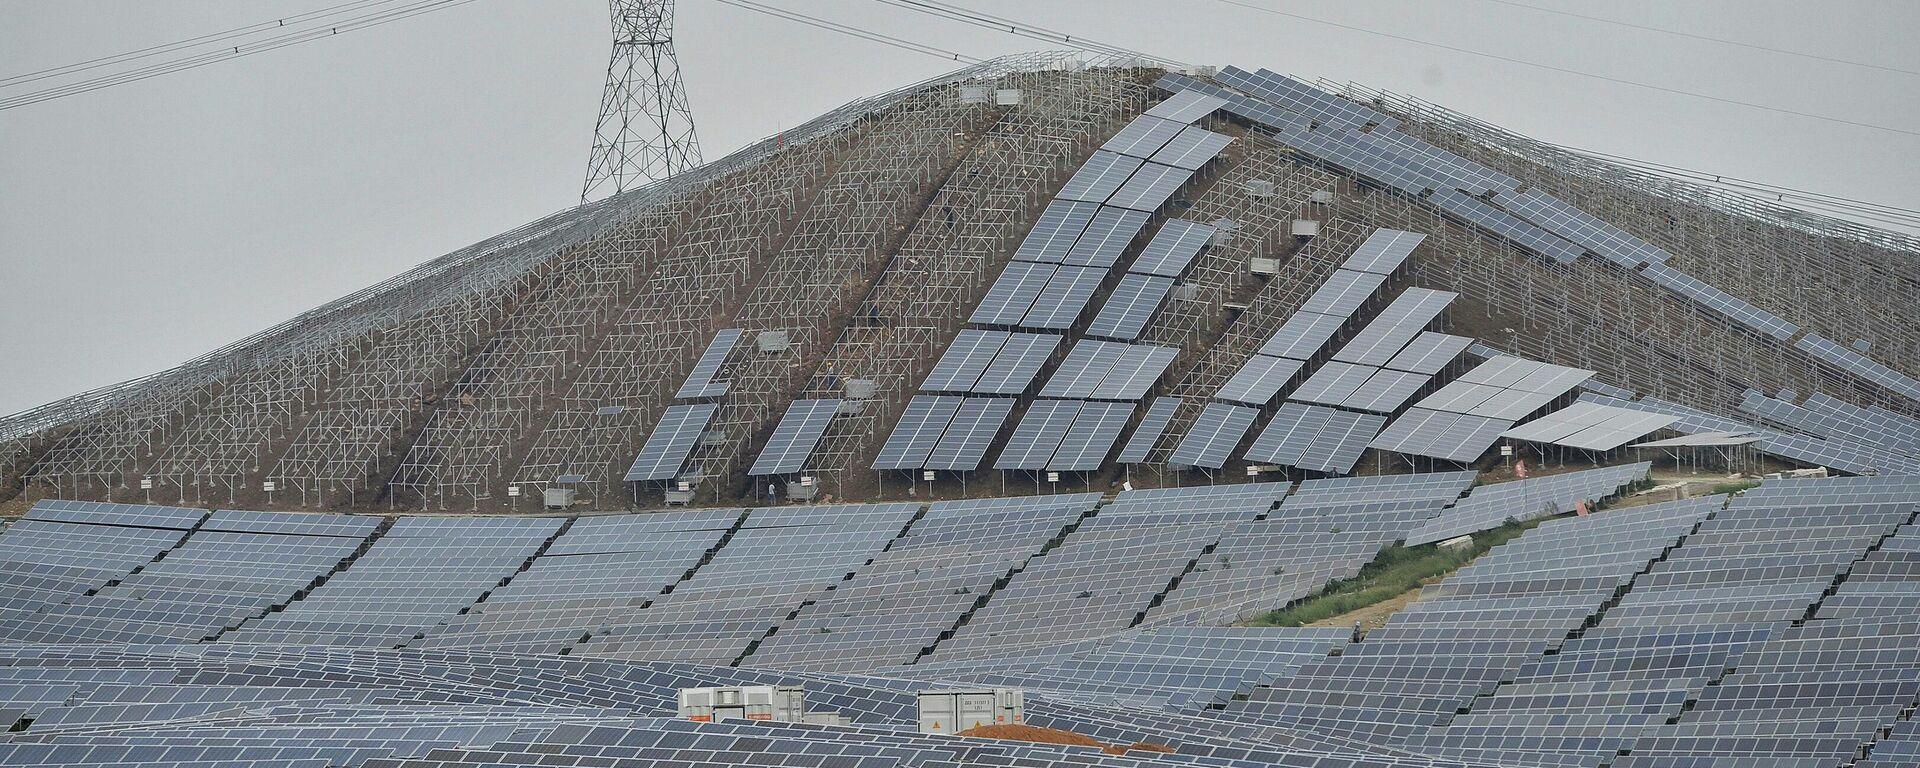 Construcción de la planta de energía solar en China - Sputnik Mundo, 1920, 19.04.2021